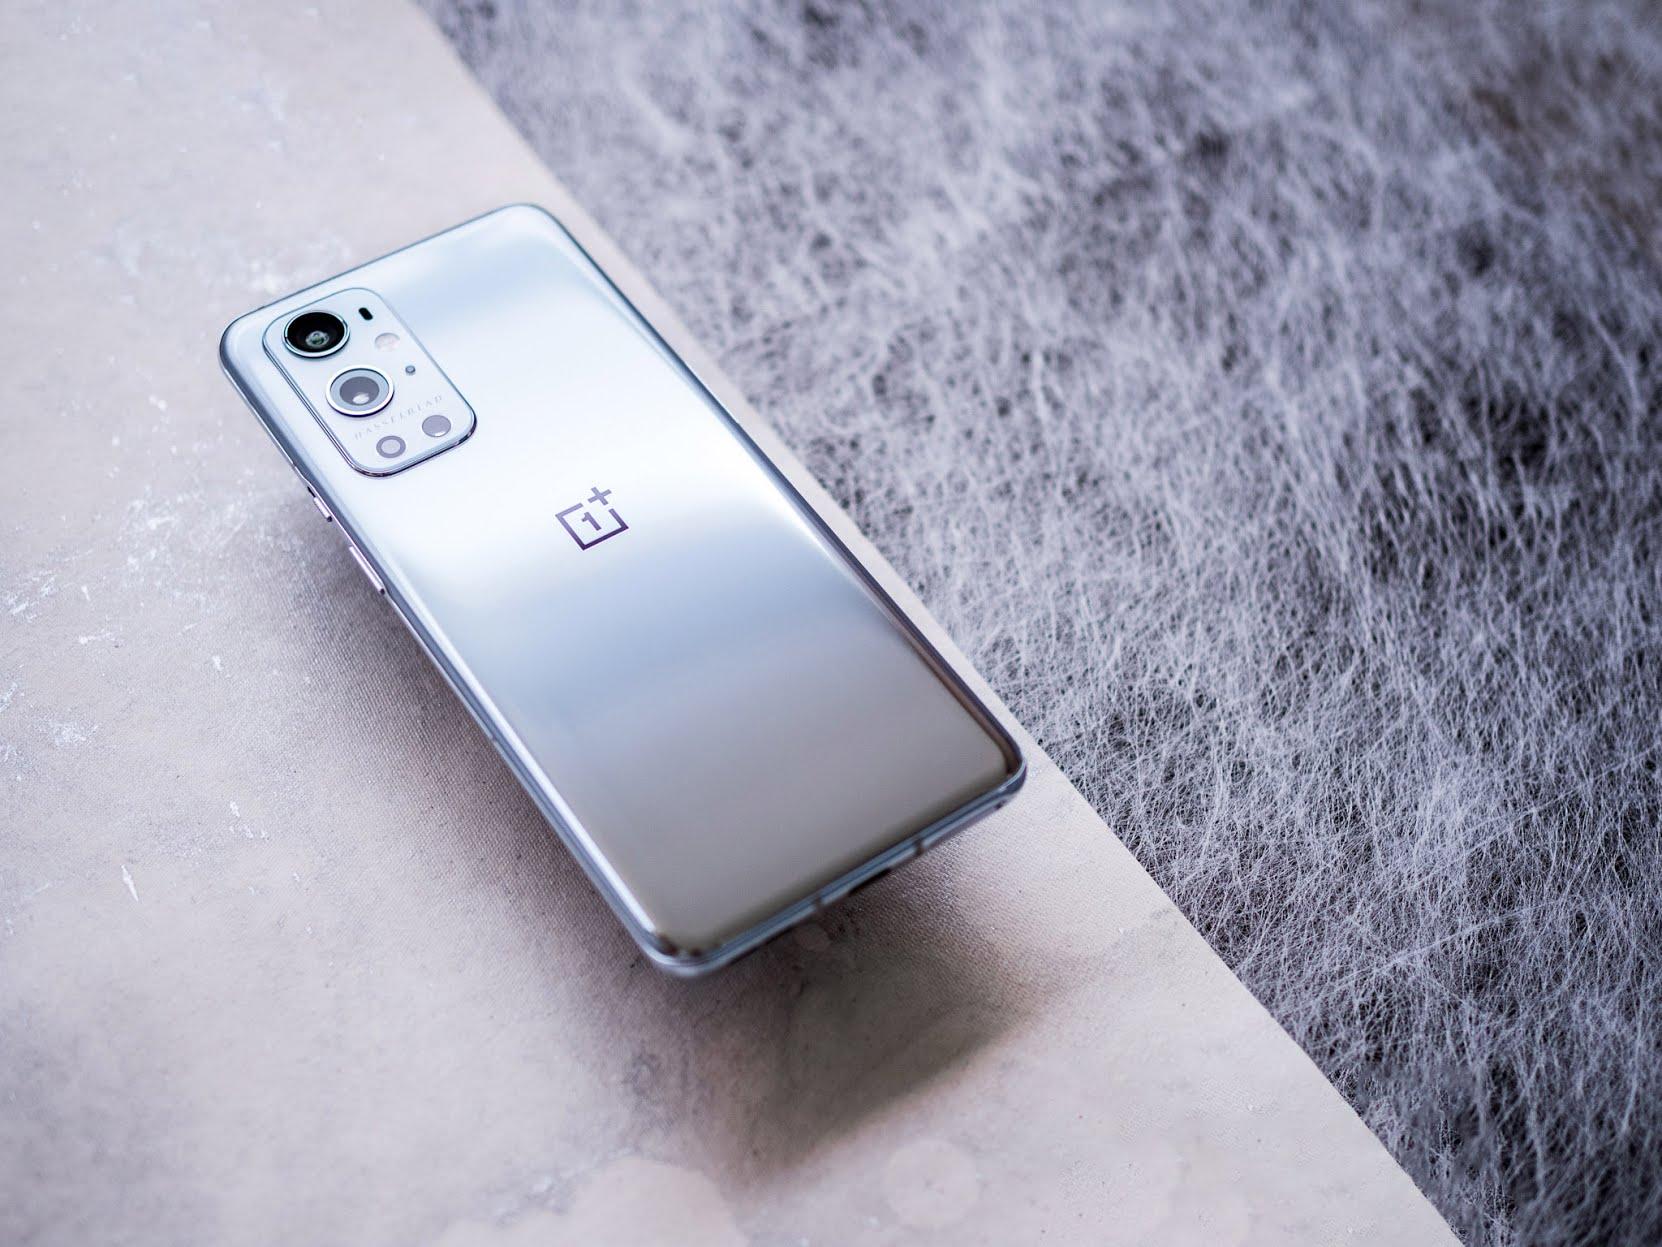 Sforum - Trang thông tin công nghệ mới nhất oneplus-9-pro-44 Cận cảnh OnePlus 9 Pro: Thiết kế vẫn đậm chất OnePlus, camera Hasselblad, hiệu năng top 1 phân khúc, giá 1069 USD